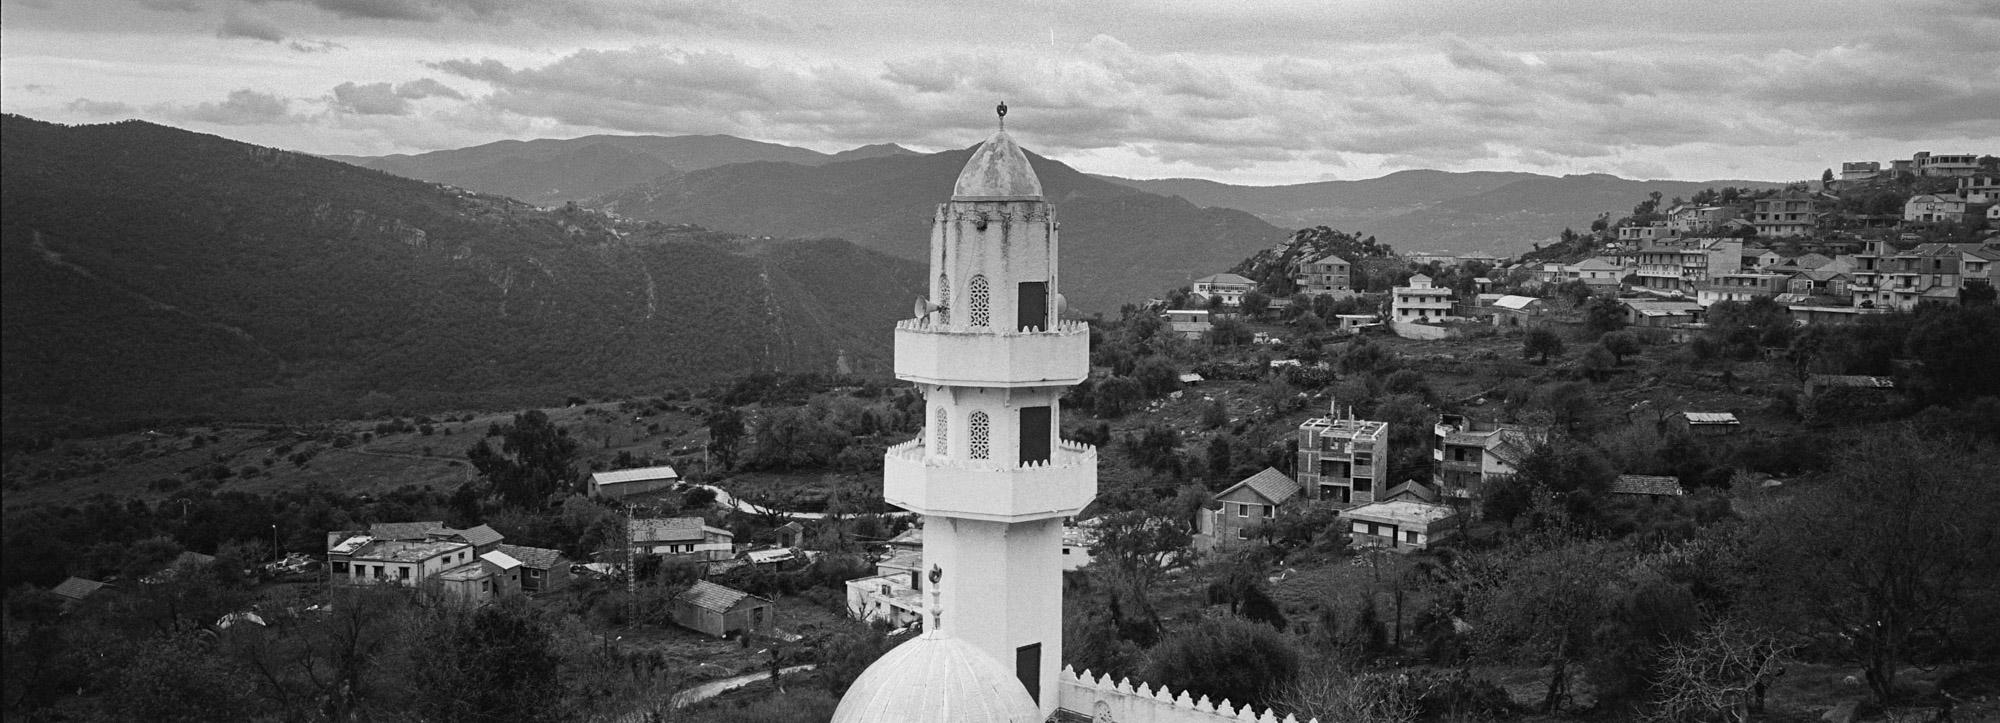 Une mosquée dans une vallée de la Kabylie. 12/02/2016, Yakouren-ALGERIE.